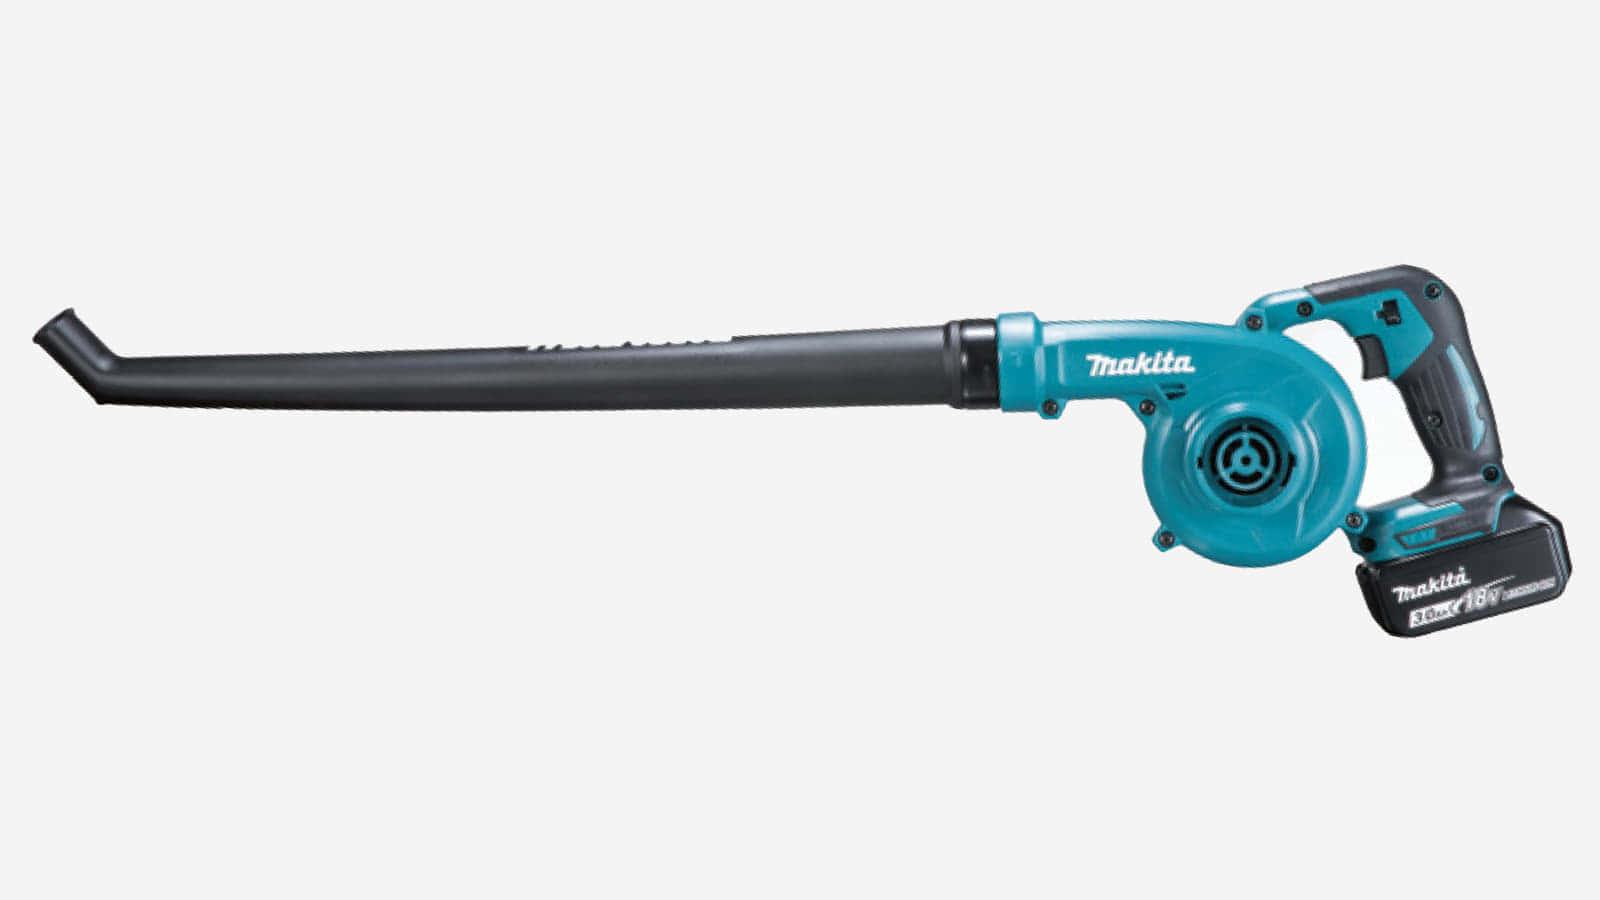 マキタ ガーデンノズル仕様18V充電式ブロワ UB186Dを発売